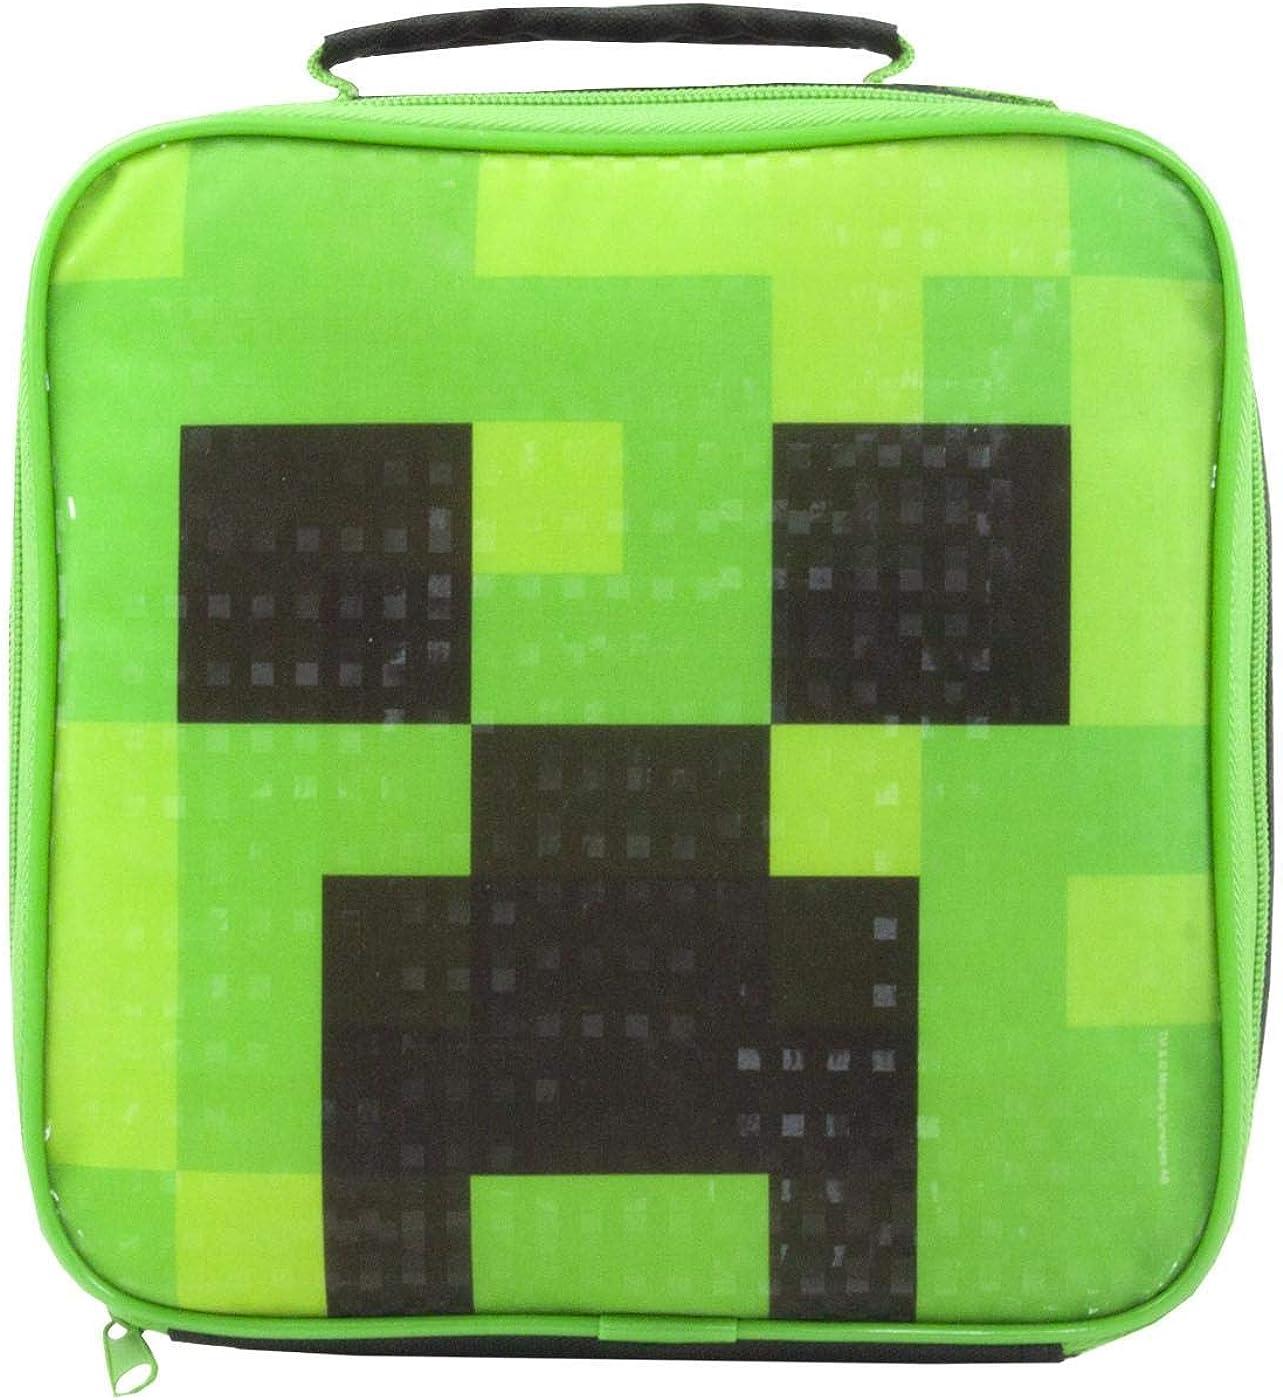 Minecraft Creeper Lunch Bag Lunch Box 11x11x11 cm